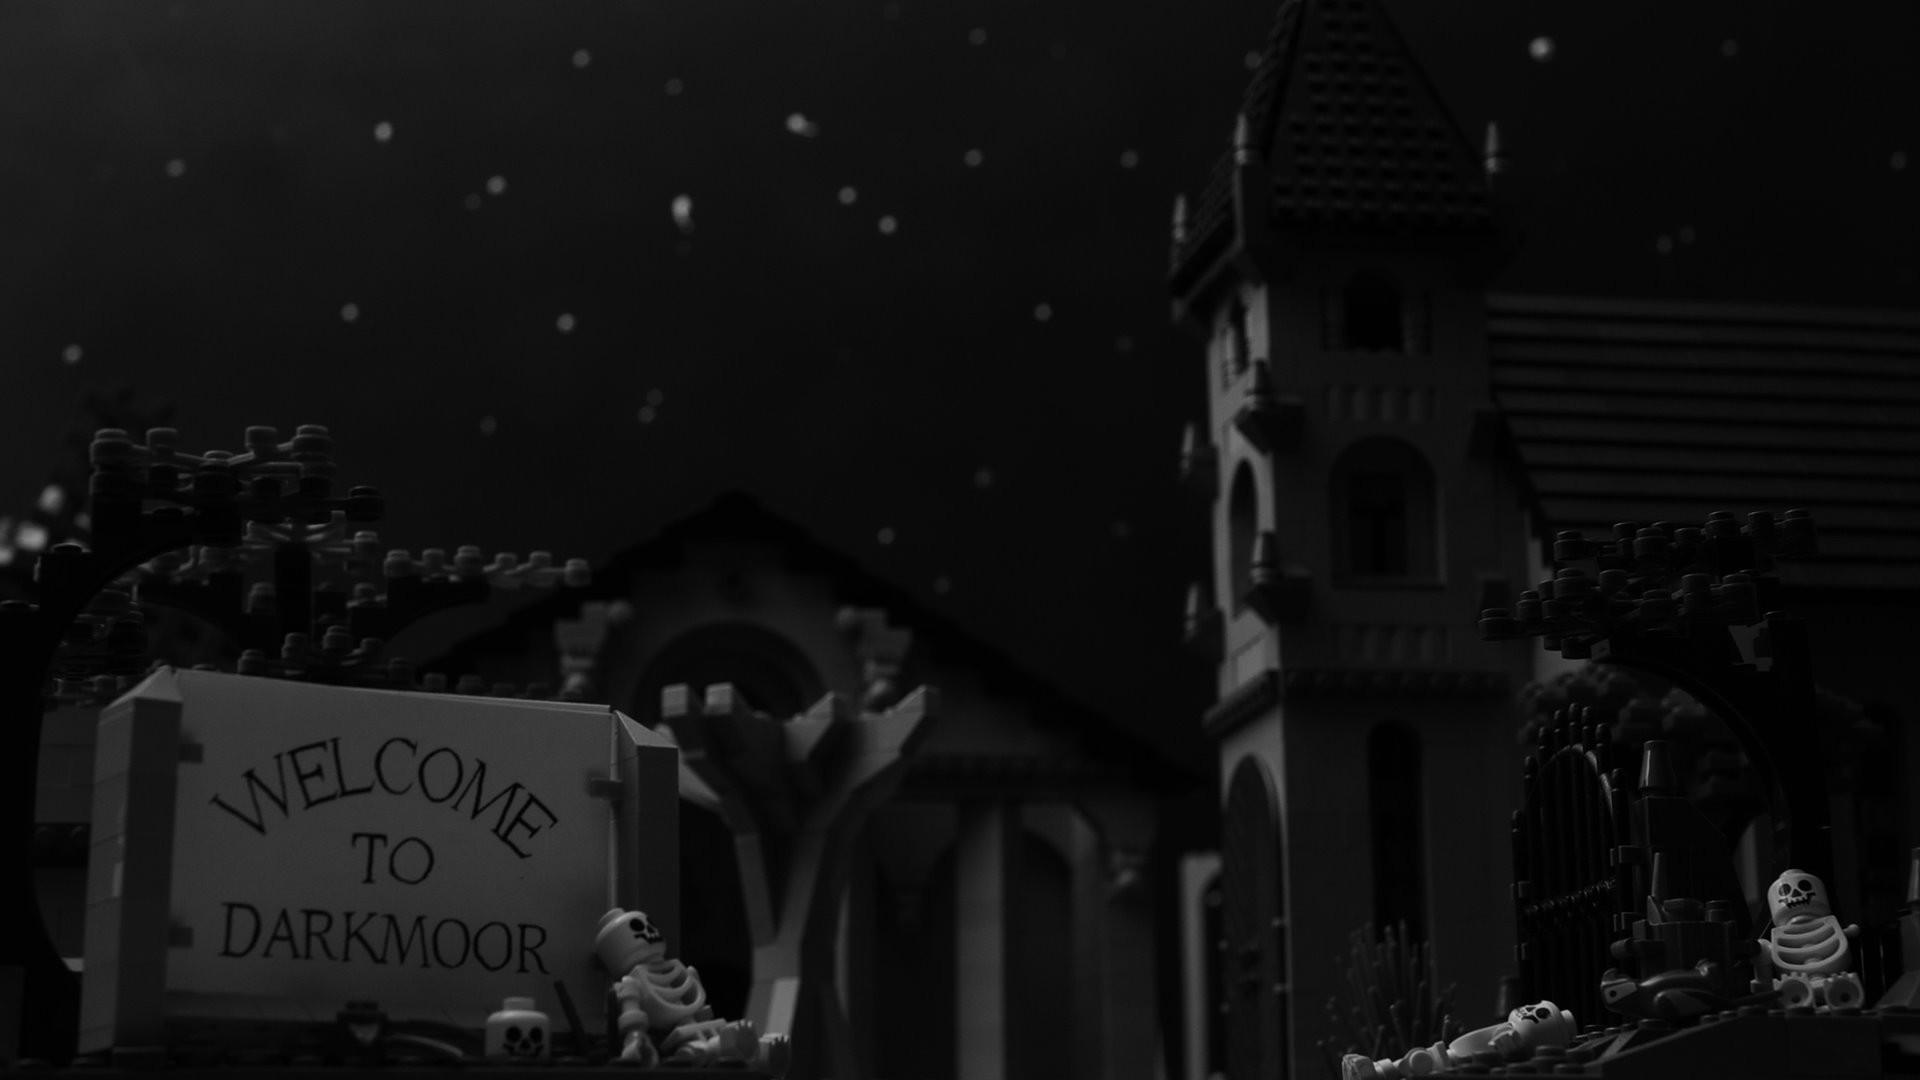 Welcome to Darkmoor Still #7